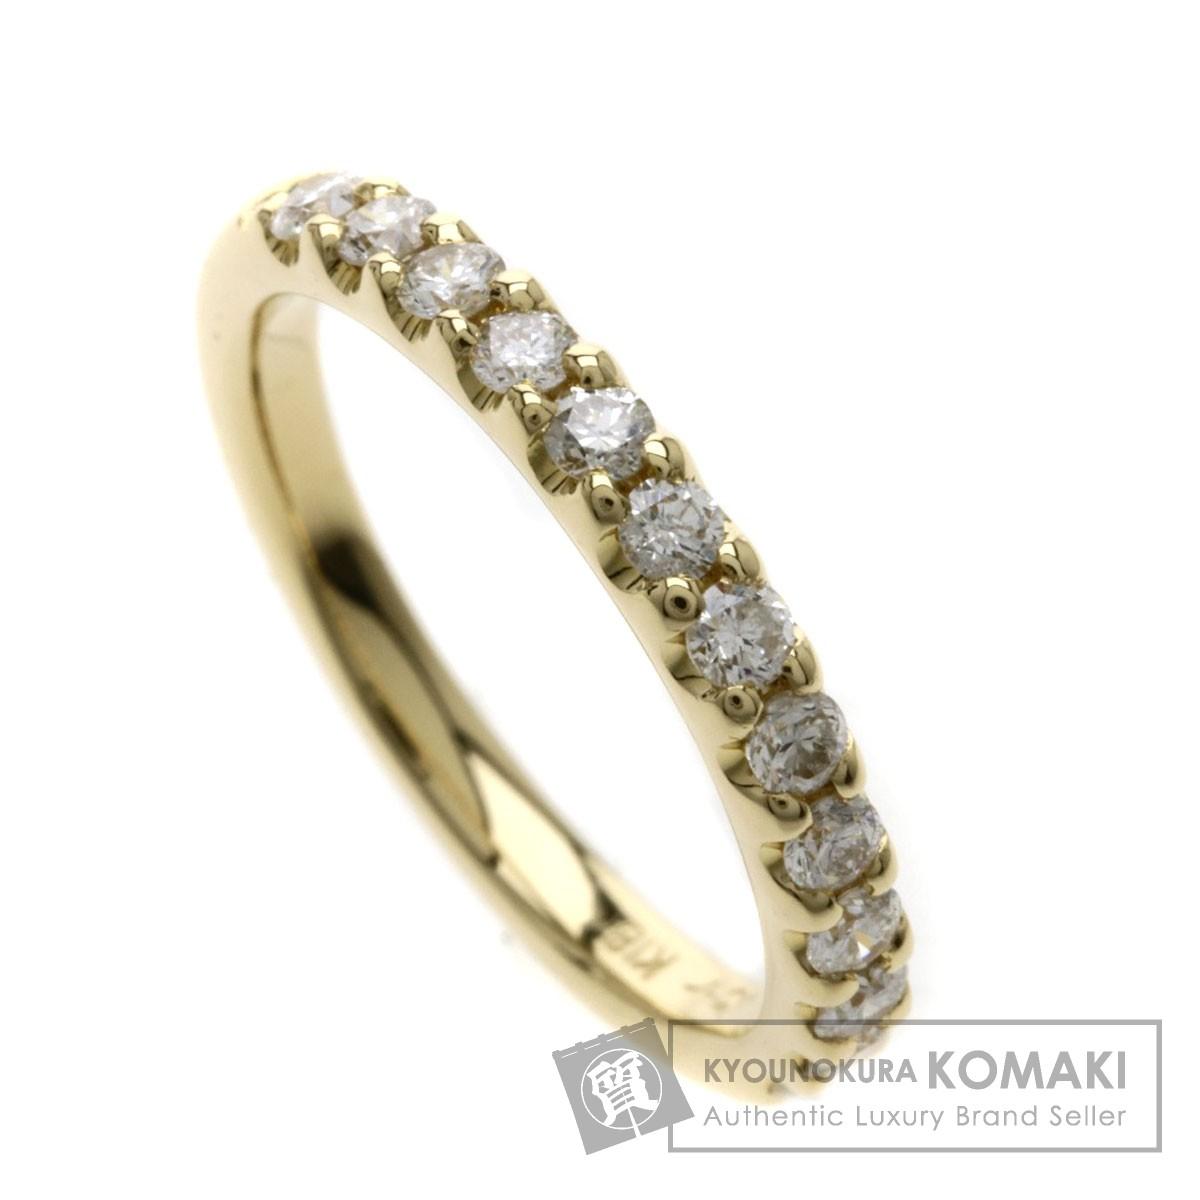 4℃ ダイヤモンド ハーフエタニティ/ピンキーリング リング・指輪 K18YG レディース 【中古】【ヨンドシー】